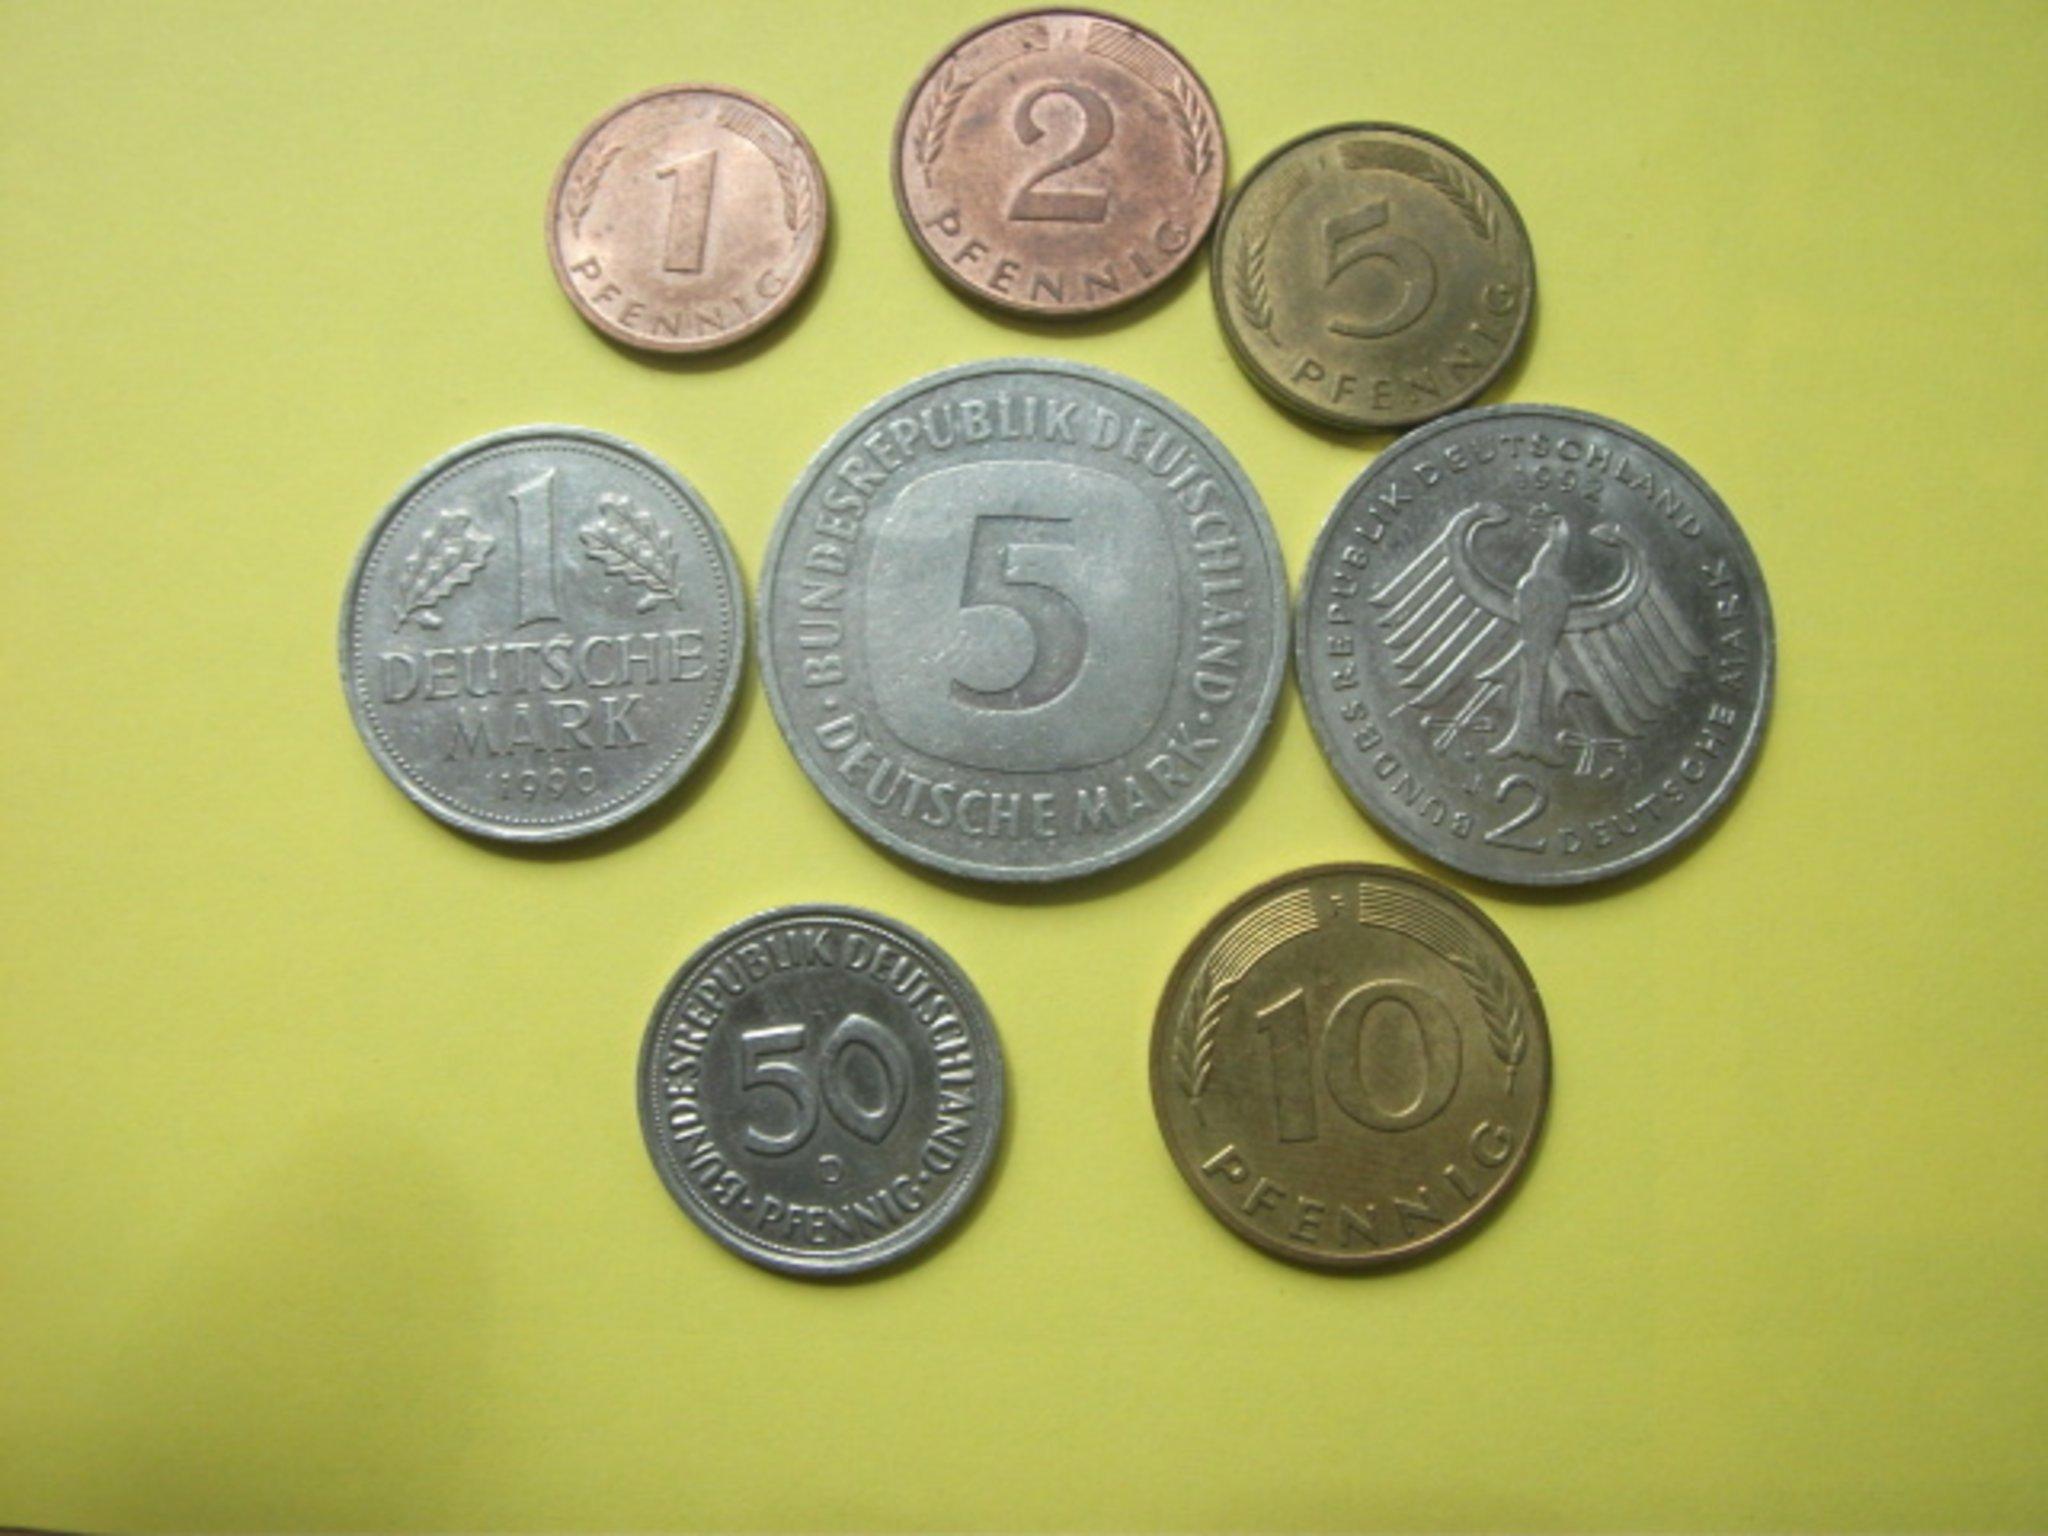 DM Münzen aus Deutschland